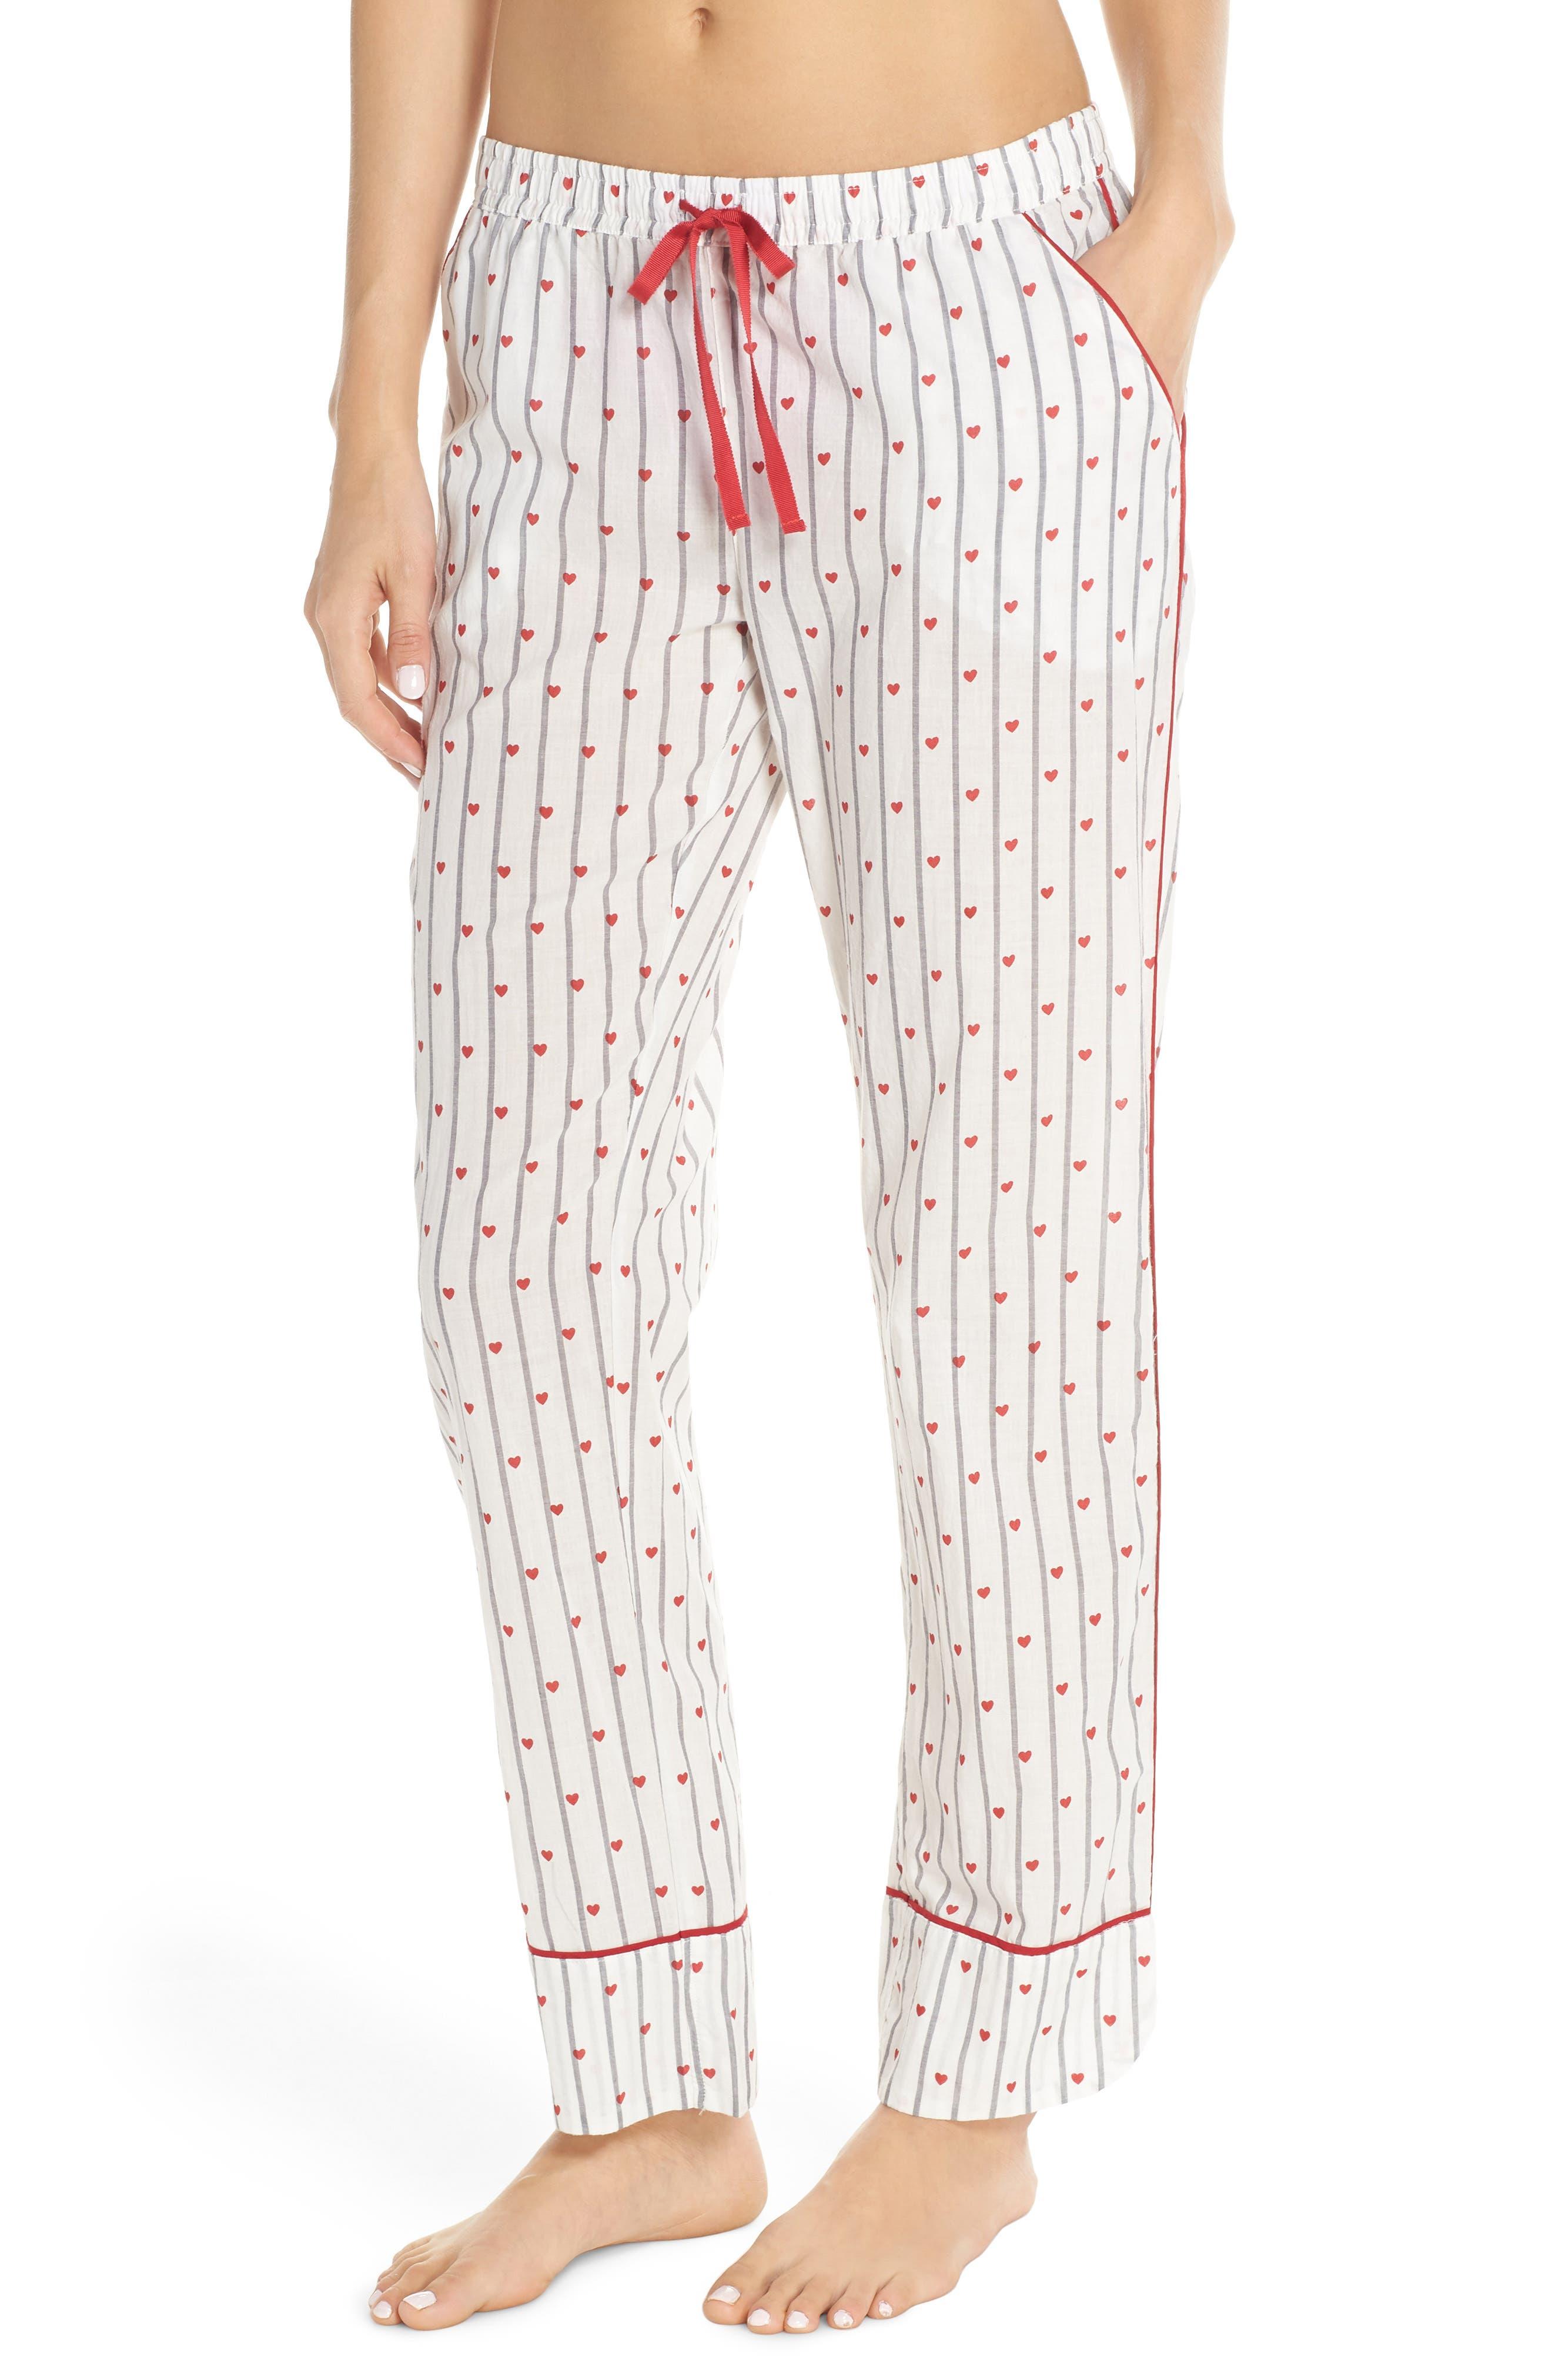 Amour Pajama Pants by Pj Salvage